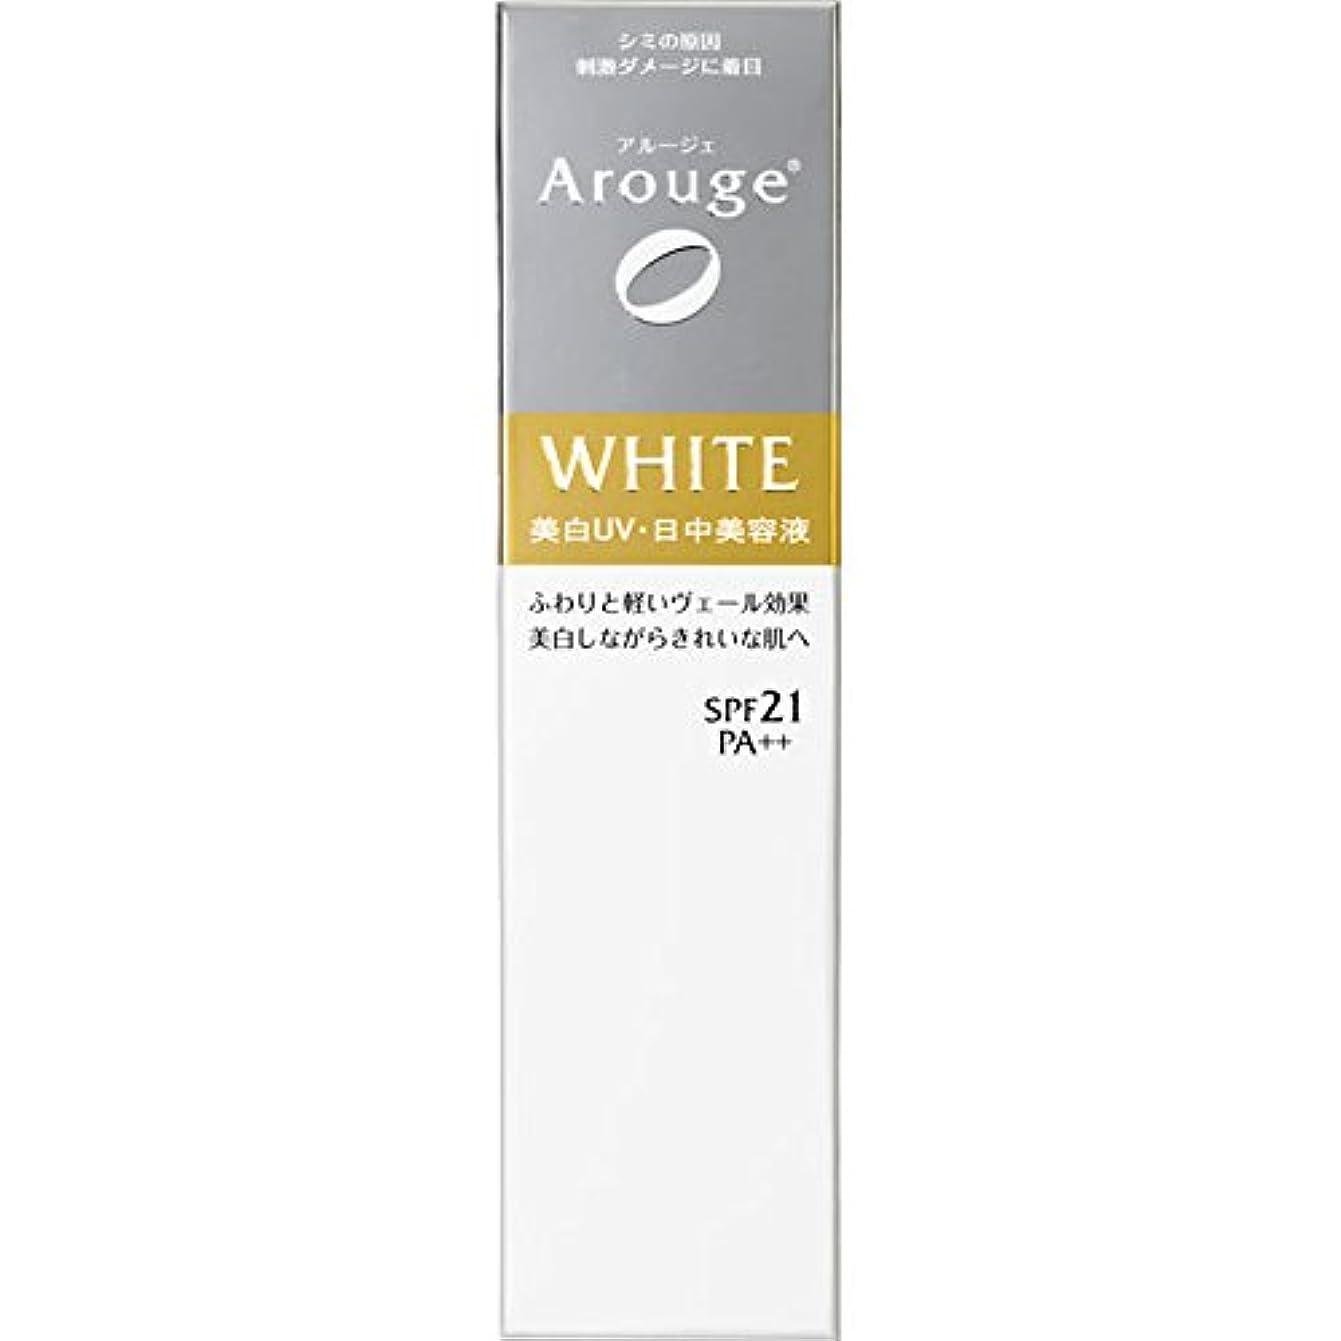 時制レタスレジアルージェ ホワイトニング UVデイエッセンス 30g (美白UV日中美容液)